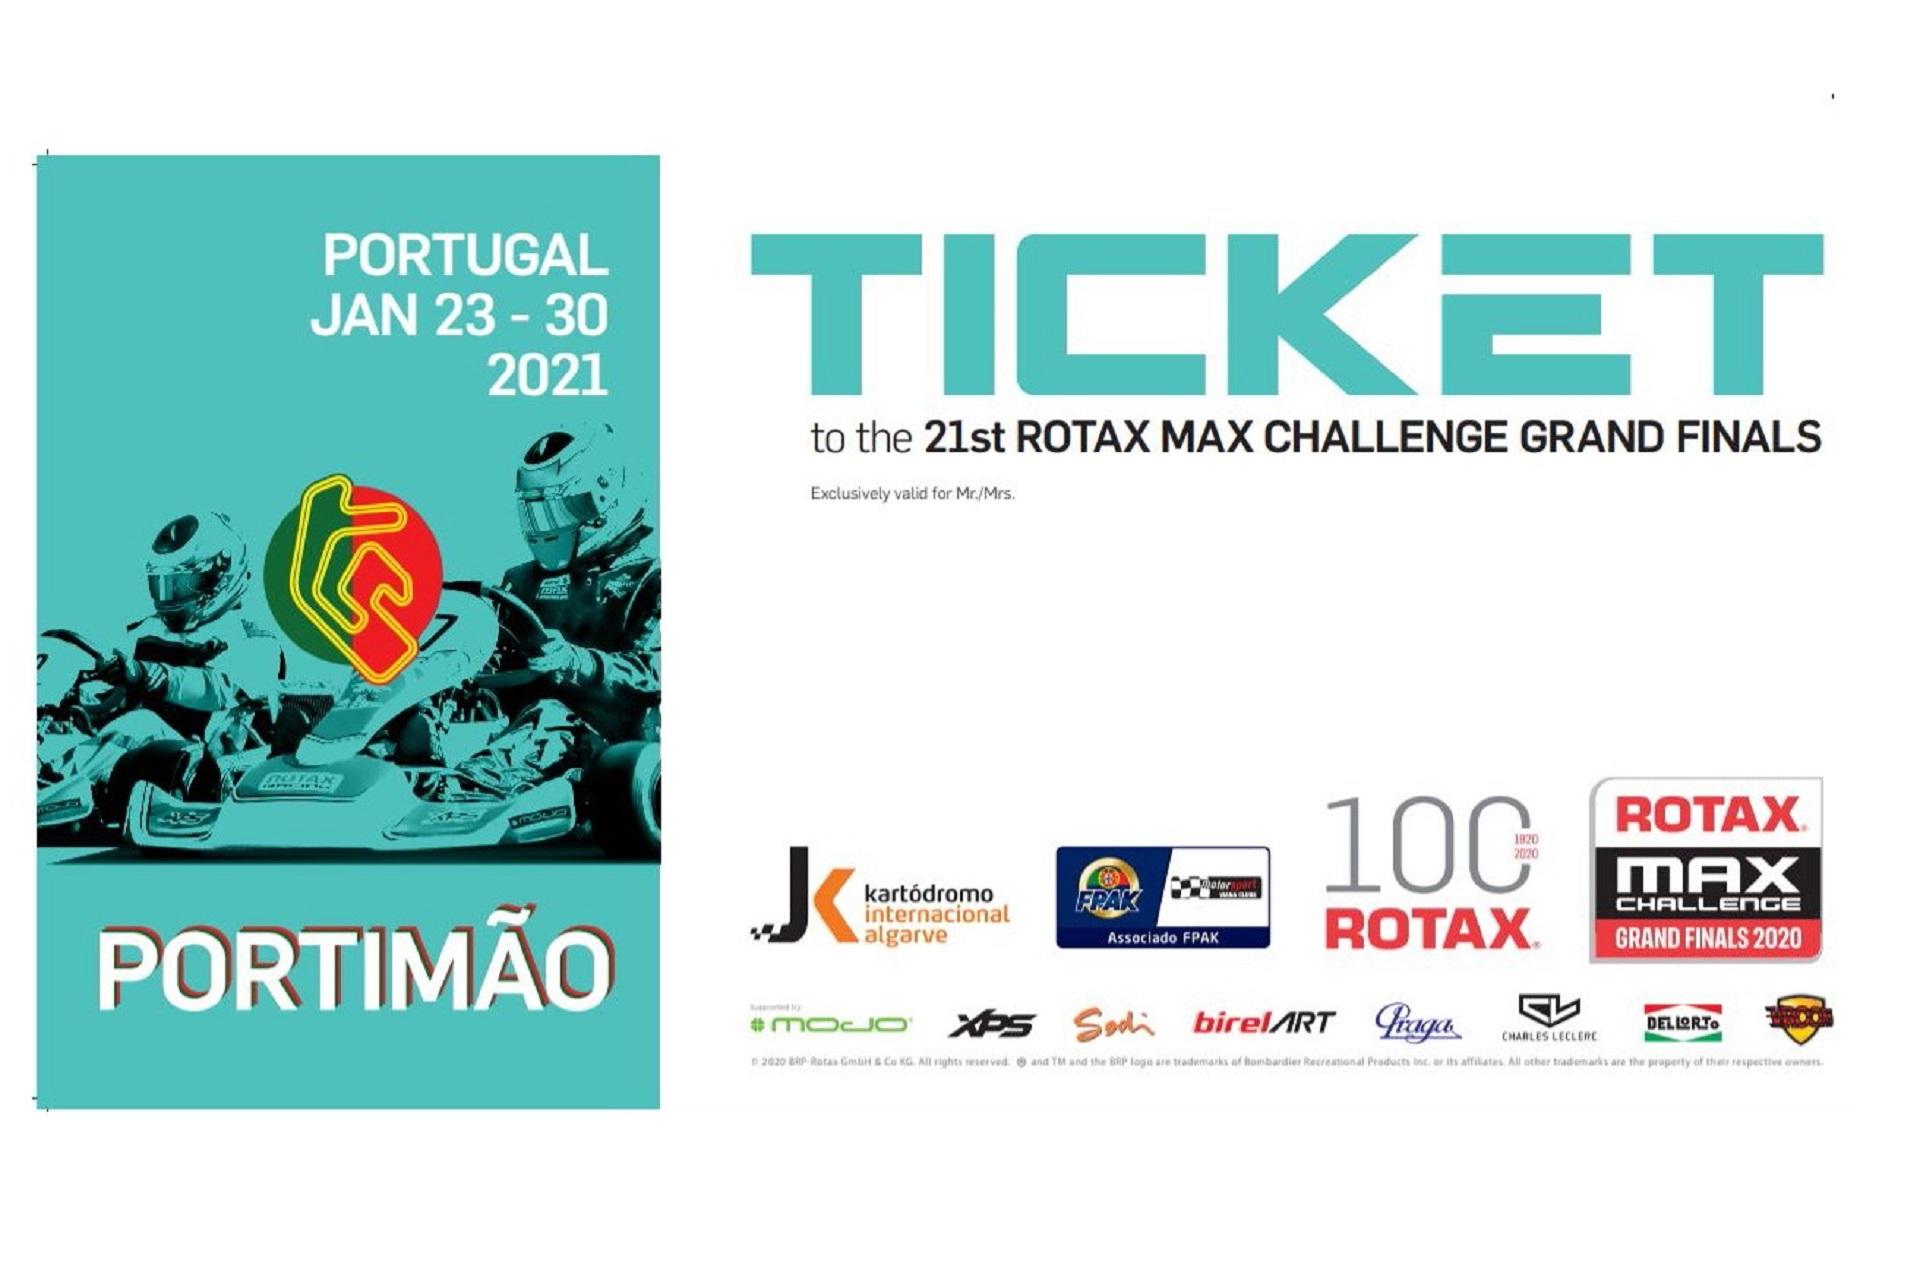 Portugueses podem qualificar-se para o Mundial Rotax nos próximos dias 28 e 29